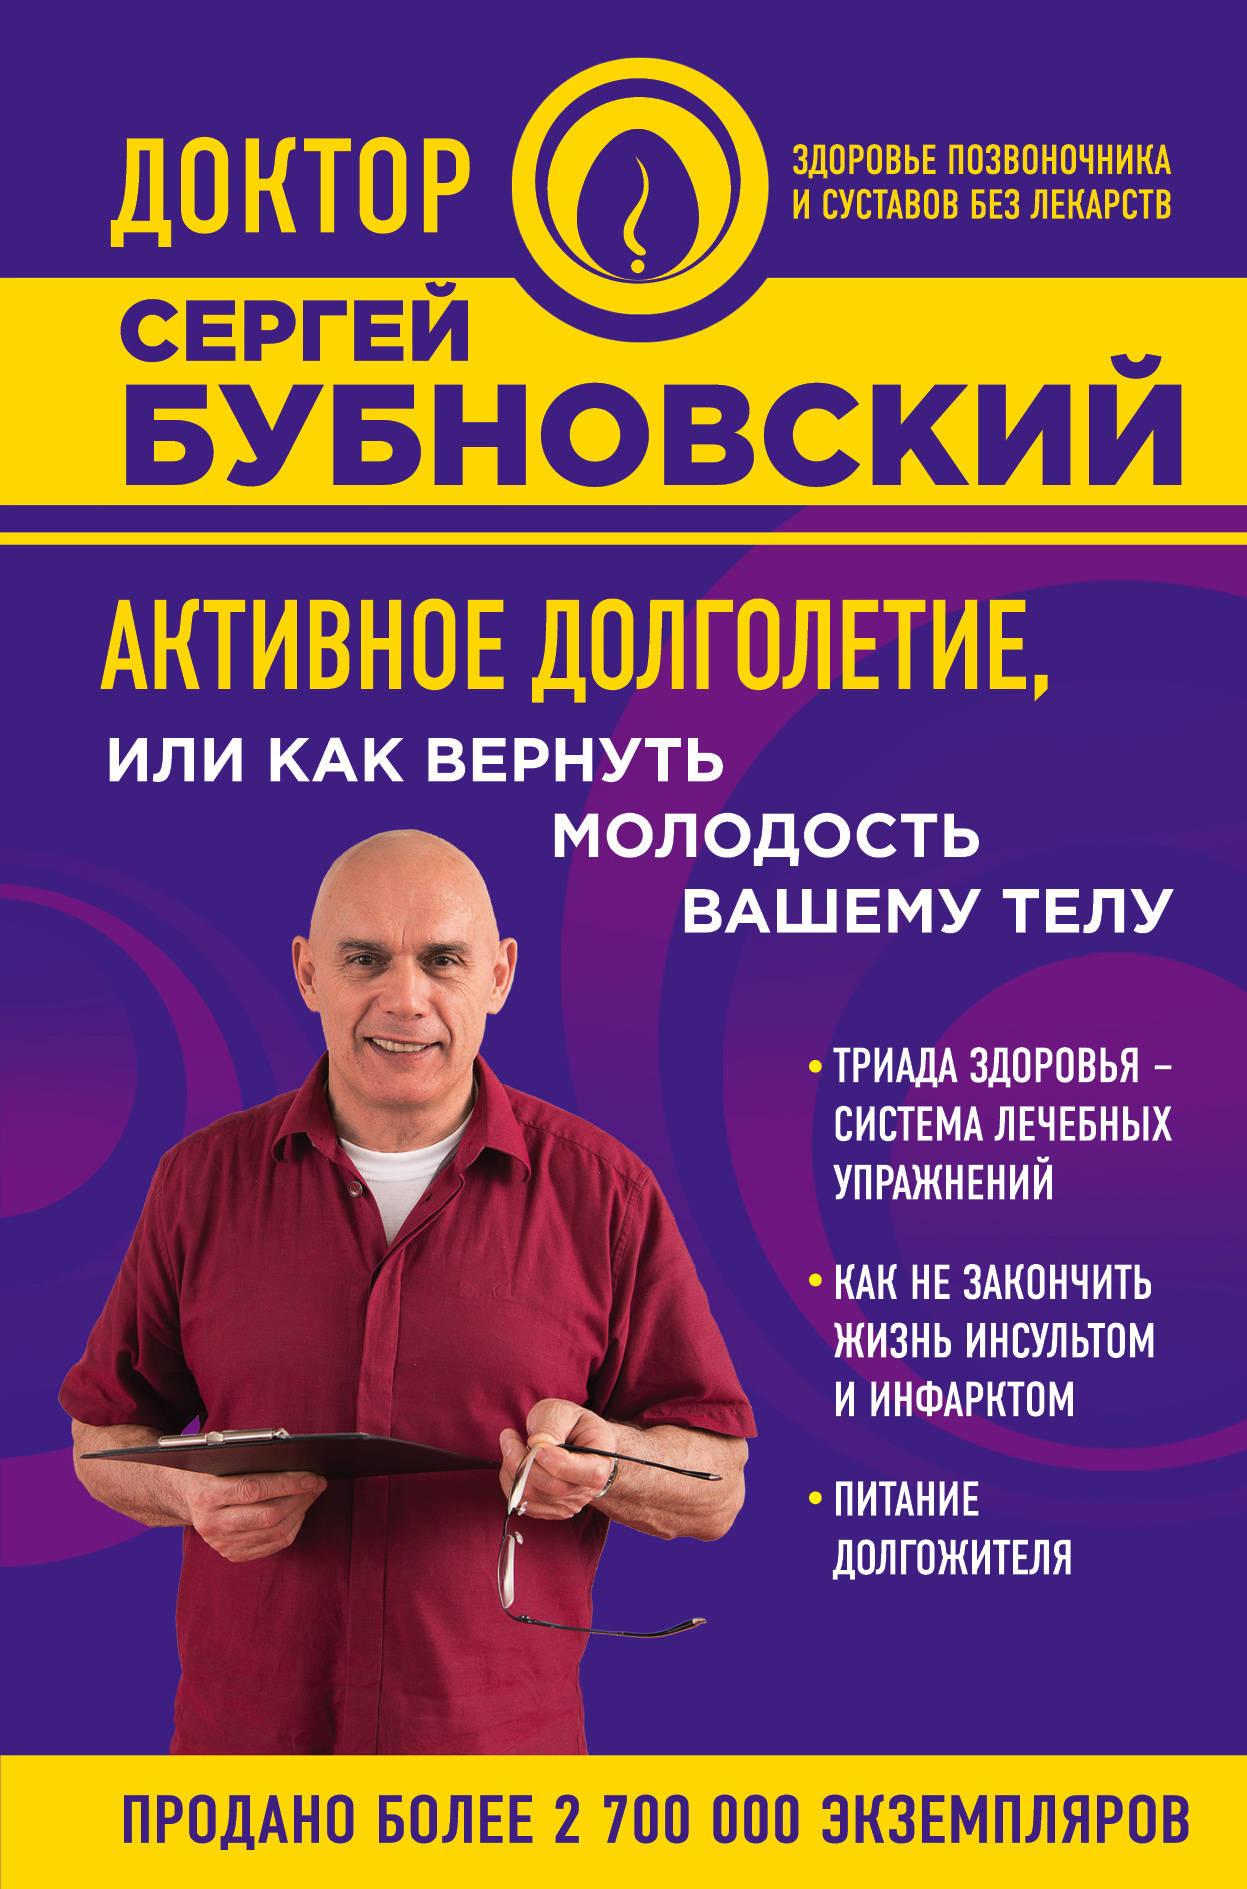 Активное долголетие, или Как вернуть молодость вашему телу. Сергей Бубновский